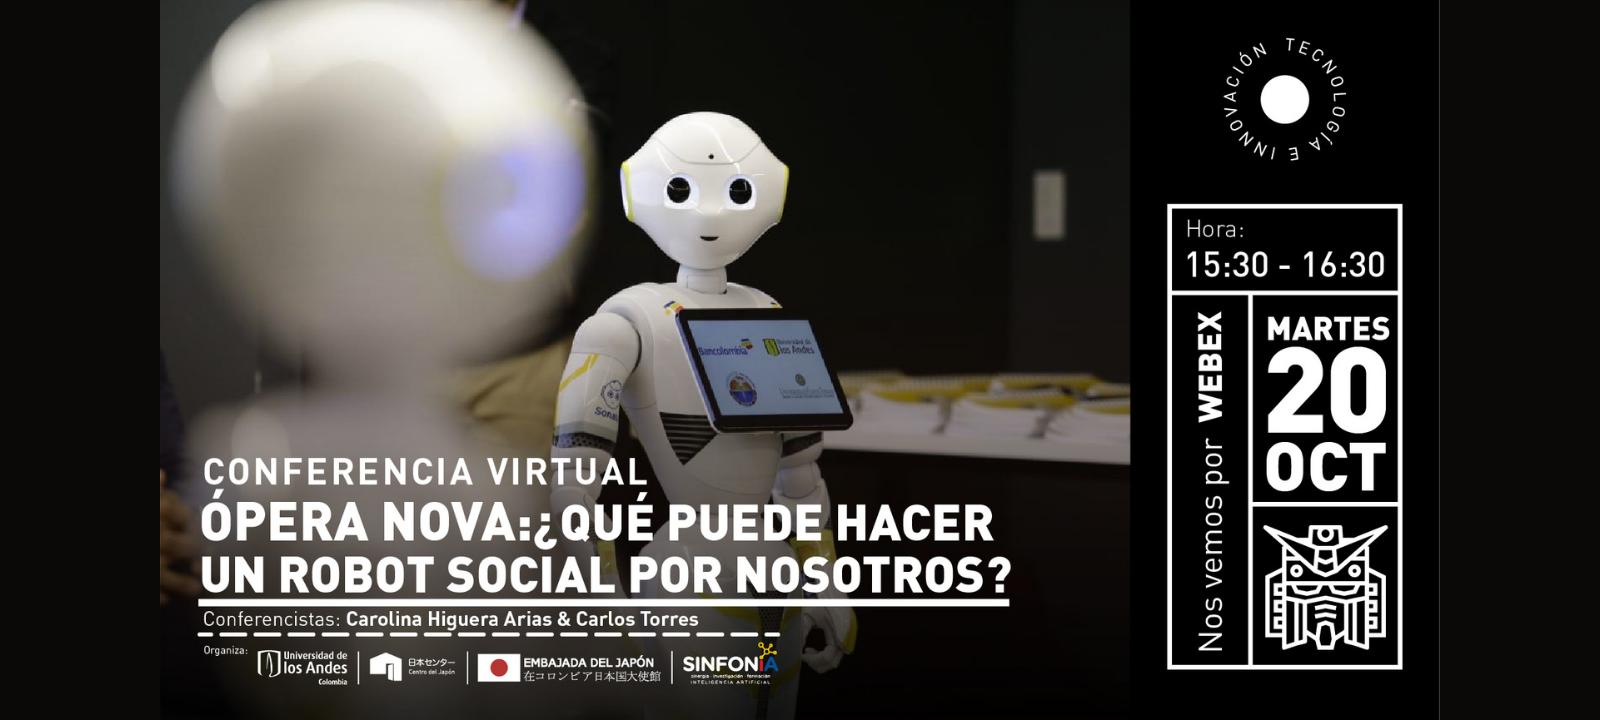 Opera-Nova ¿Qué puede hacer un robot social por nosotros?